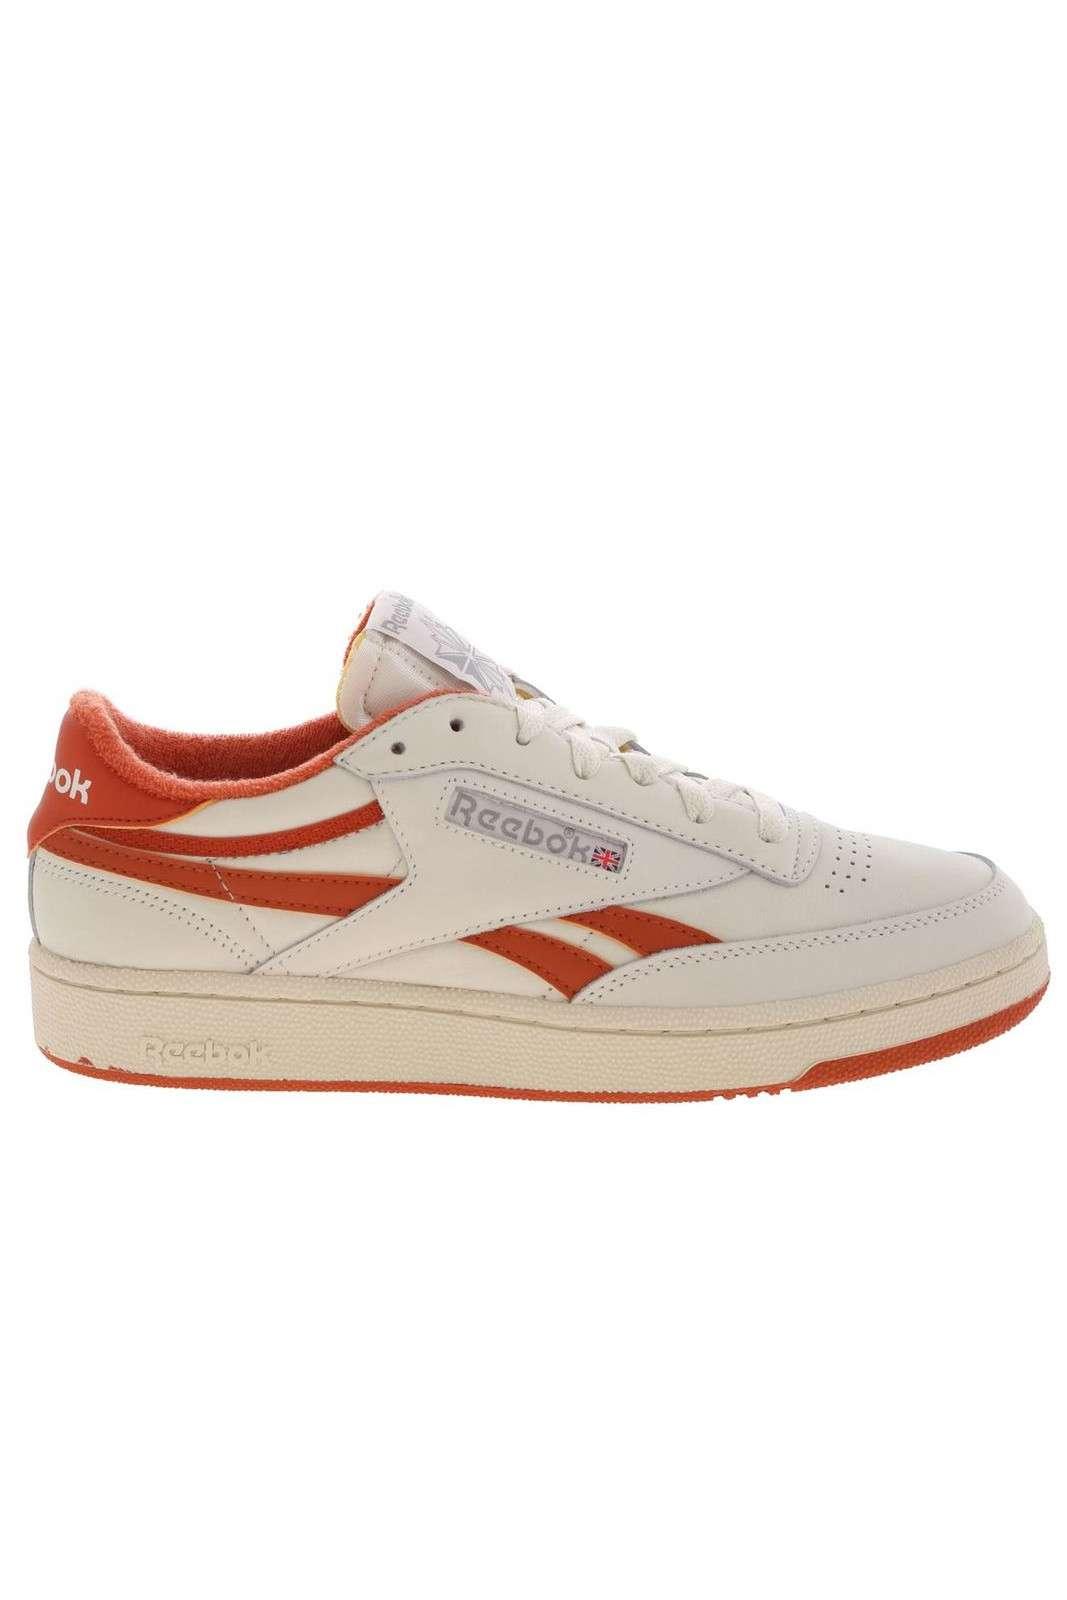 Delle sneakers sportive quelle proposte dalla new collection Reebok. Da indossare anche per fare sport oltre alle giornate quotidiane grazie alla sua comodità. Da abbinare a qualsiasi abbigliamento sportivo e non, per un look perfetto in ogni situazione.